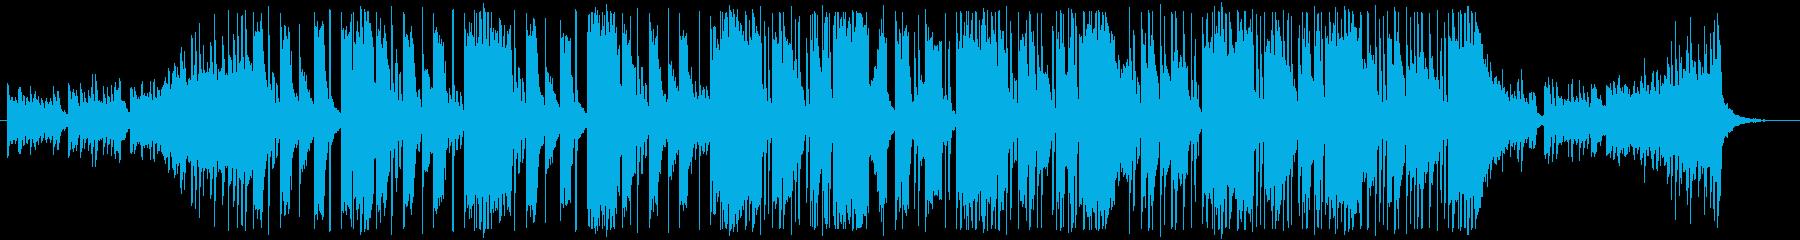 【インパクト】ポップで疾走感のあるEDMの再生済みの波形